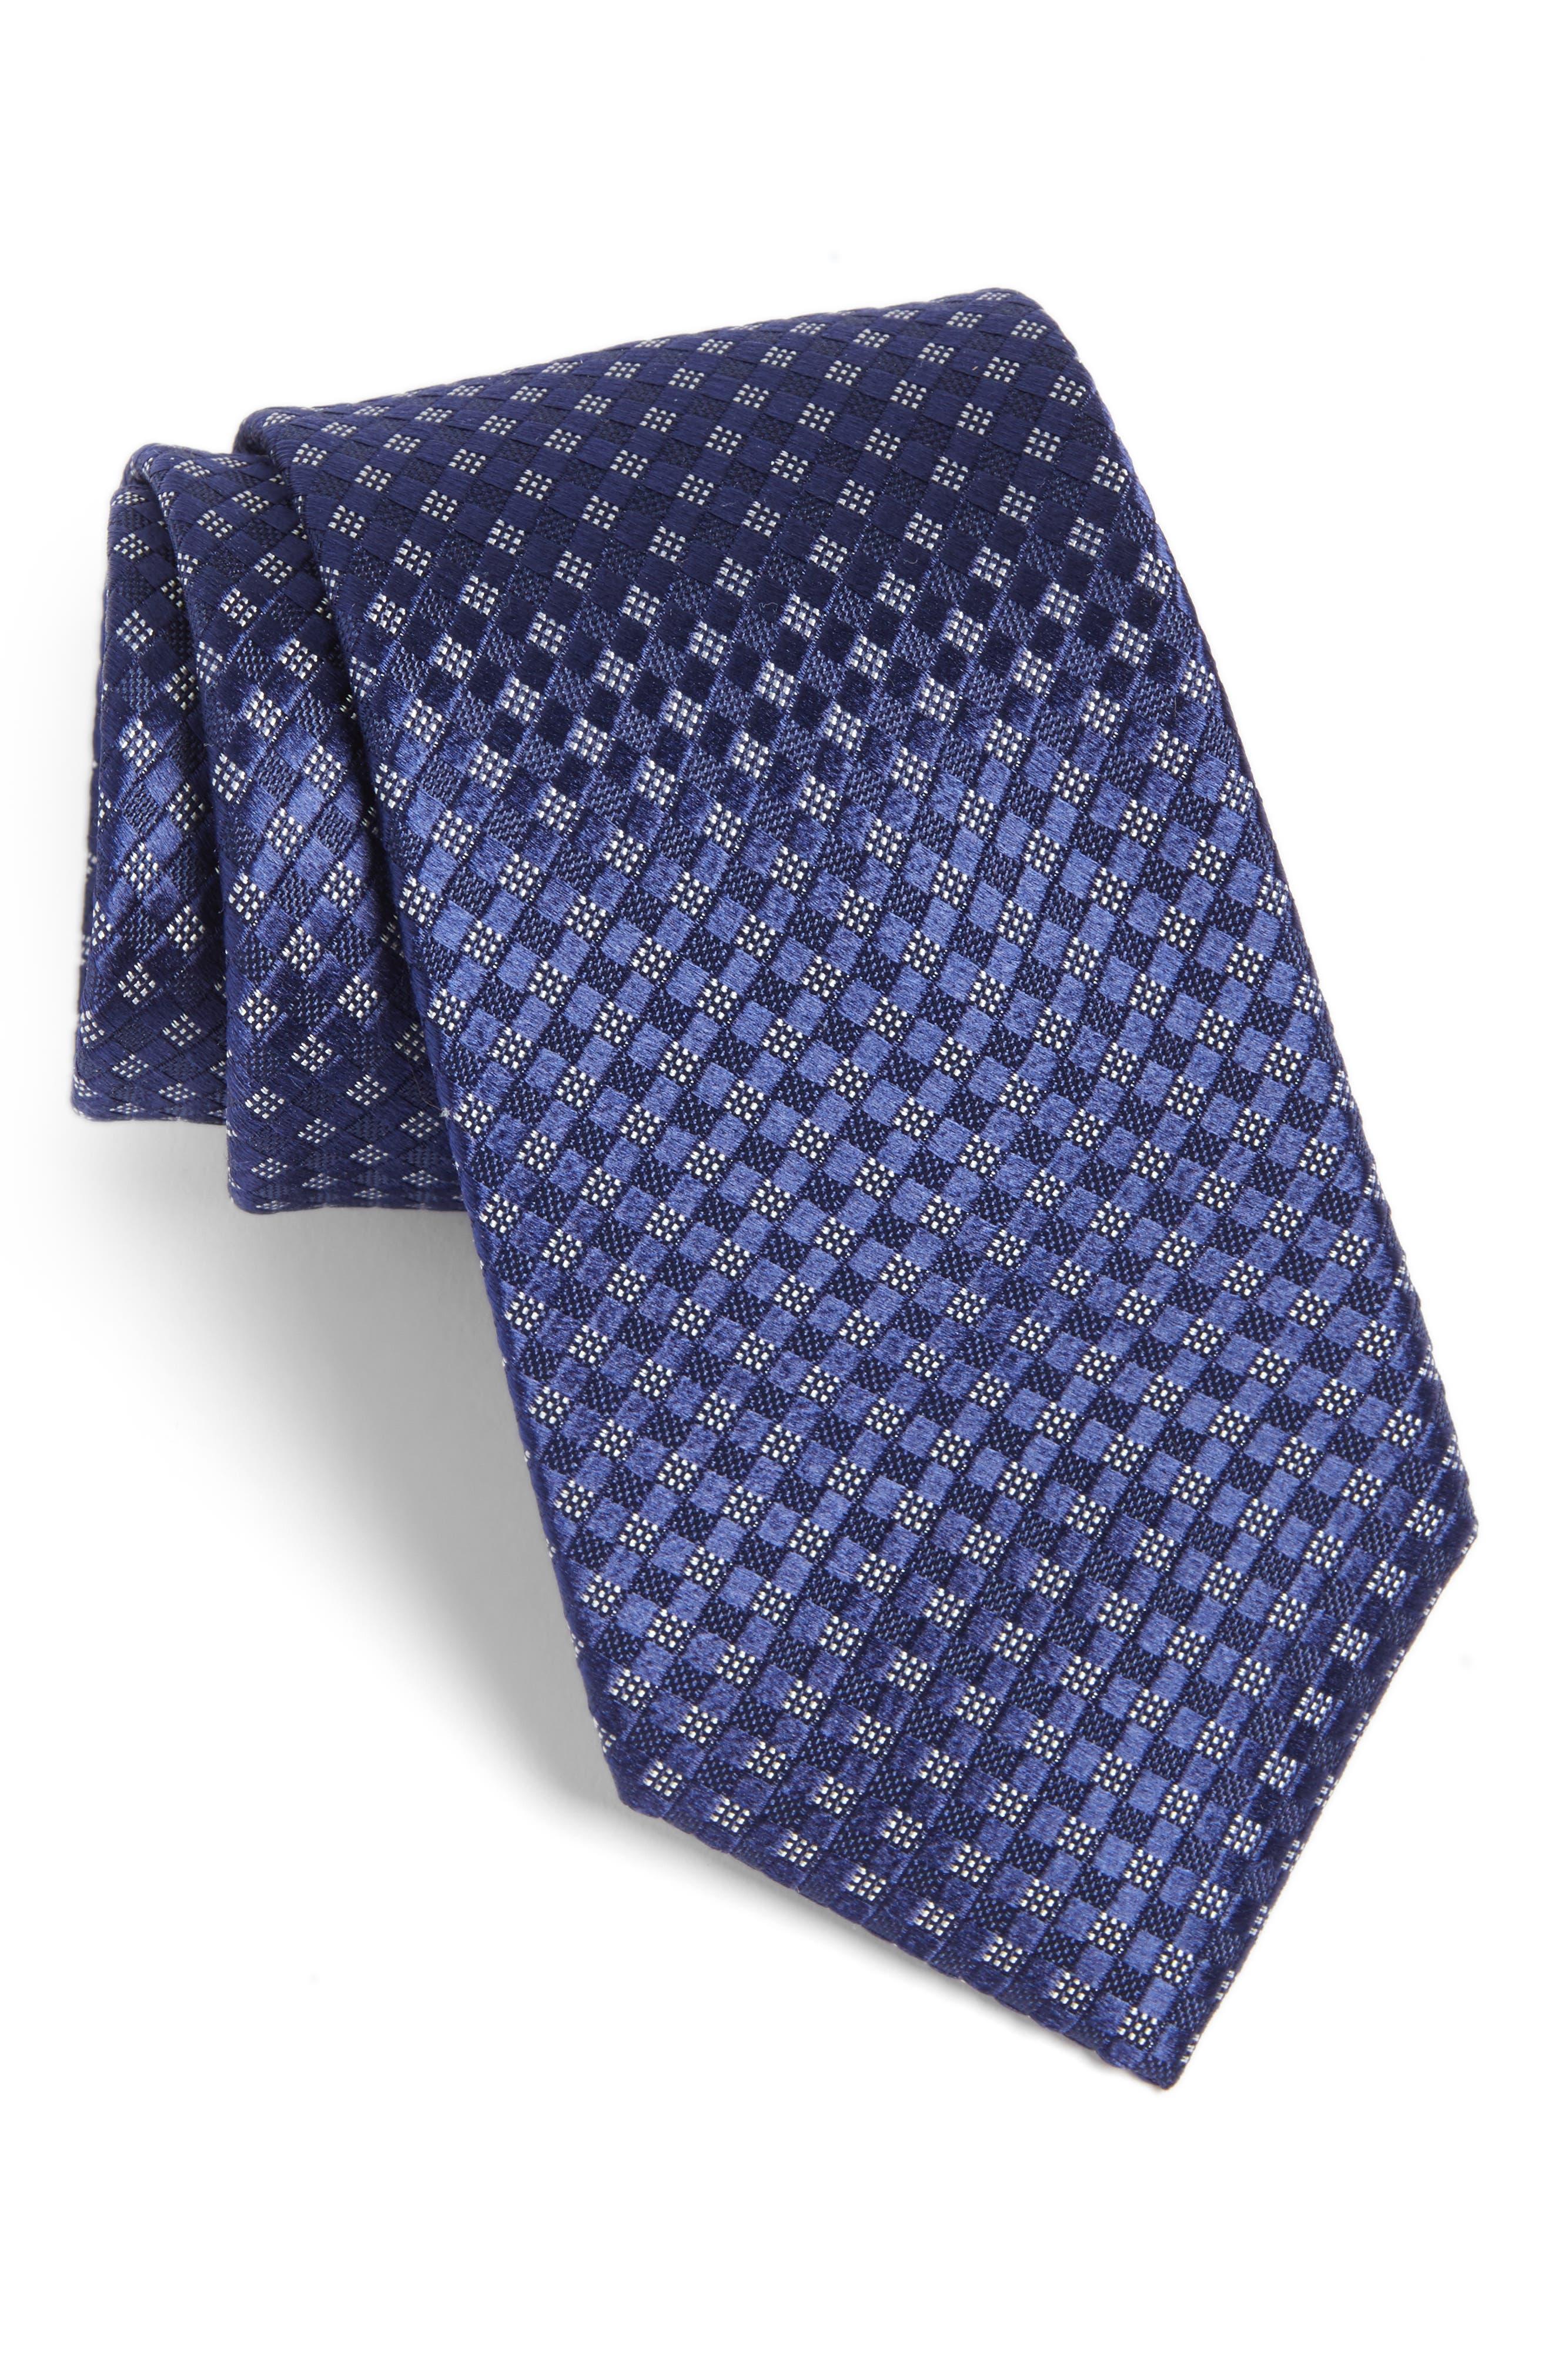 Artesia Check Silk Tie,                         Main,                         color, Navy